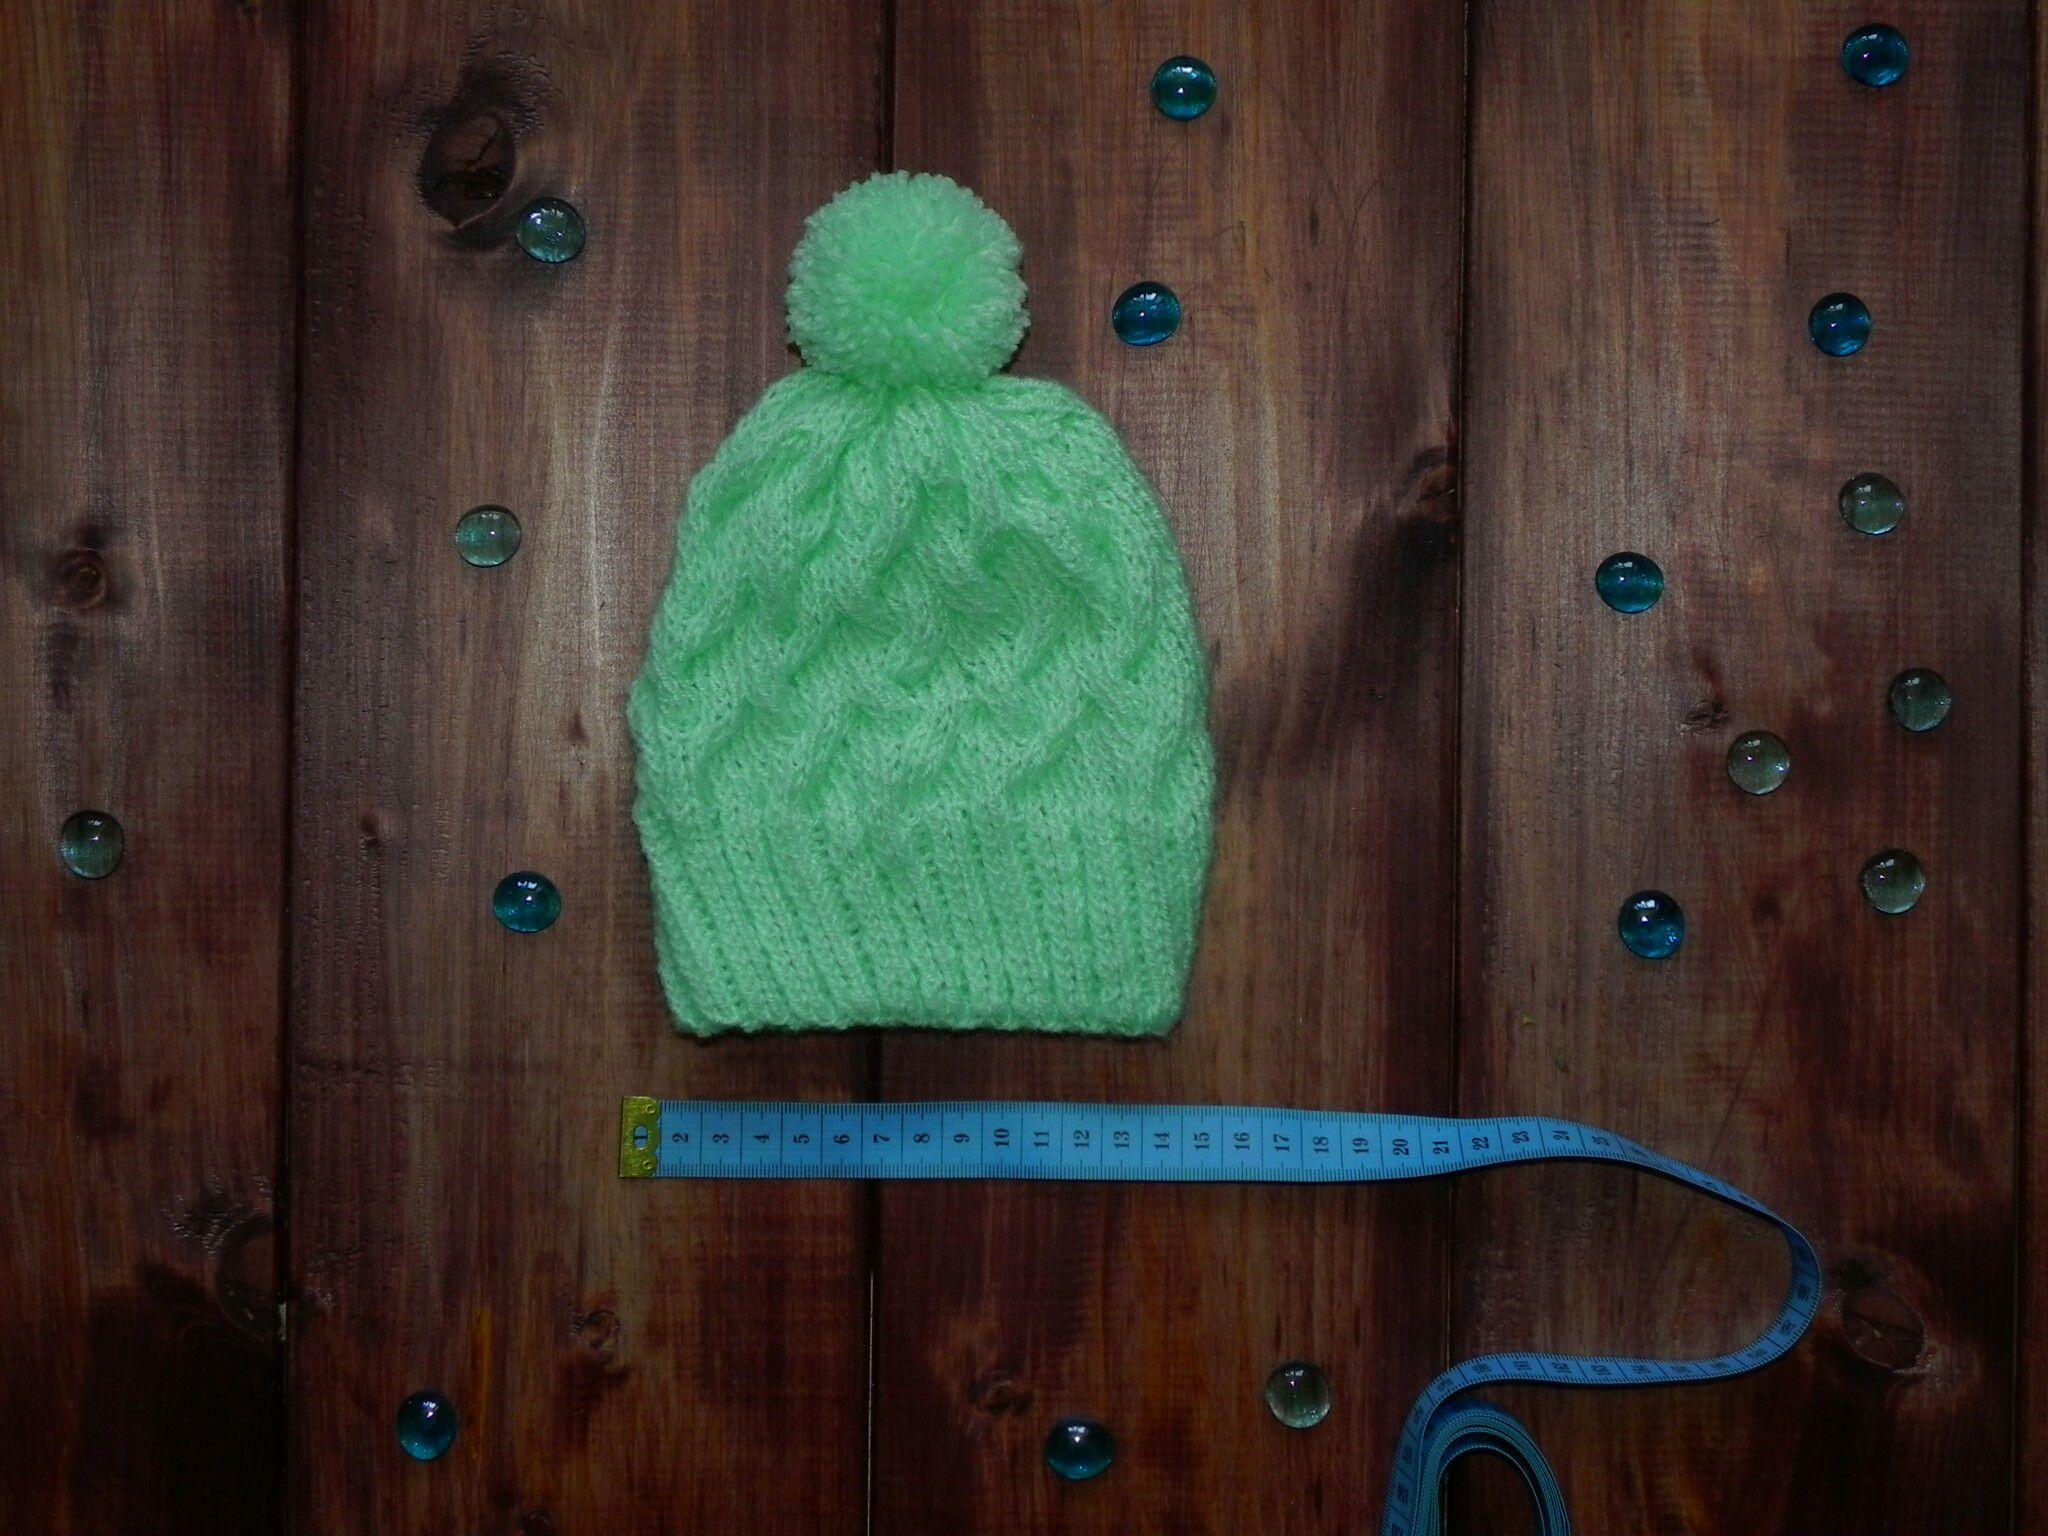 на детский вязание комплект шапочка вещи заказ детские мятный детям снуд хороший вяжу подарок